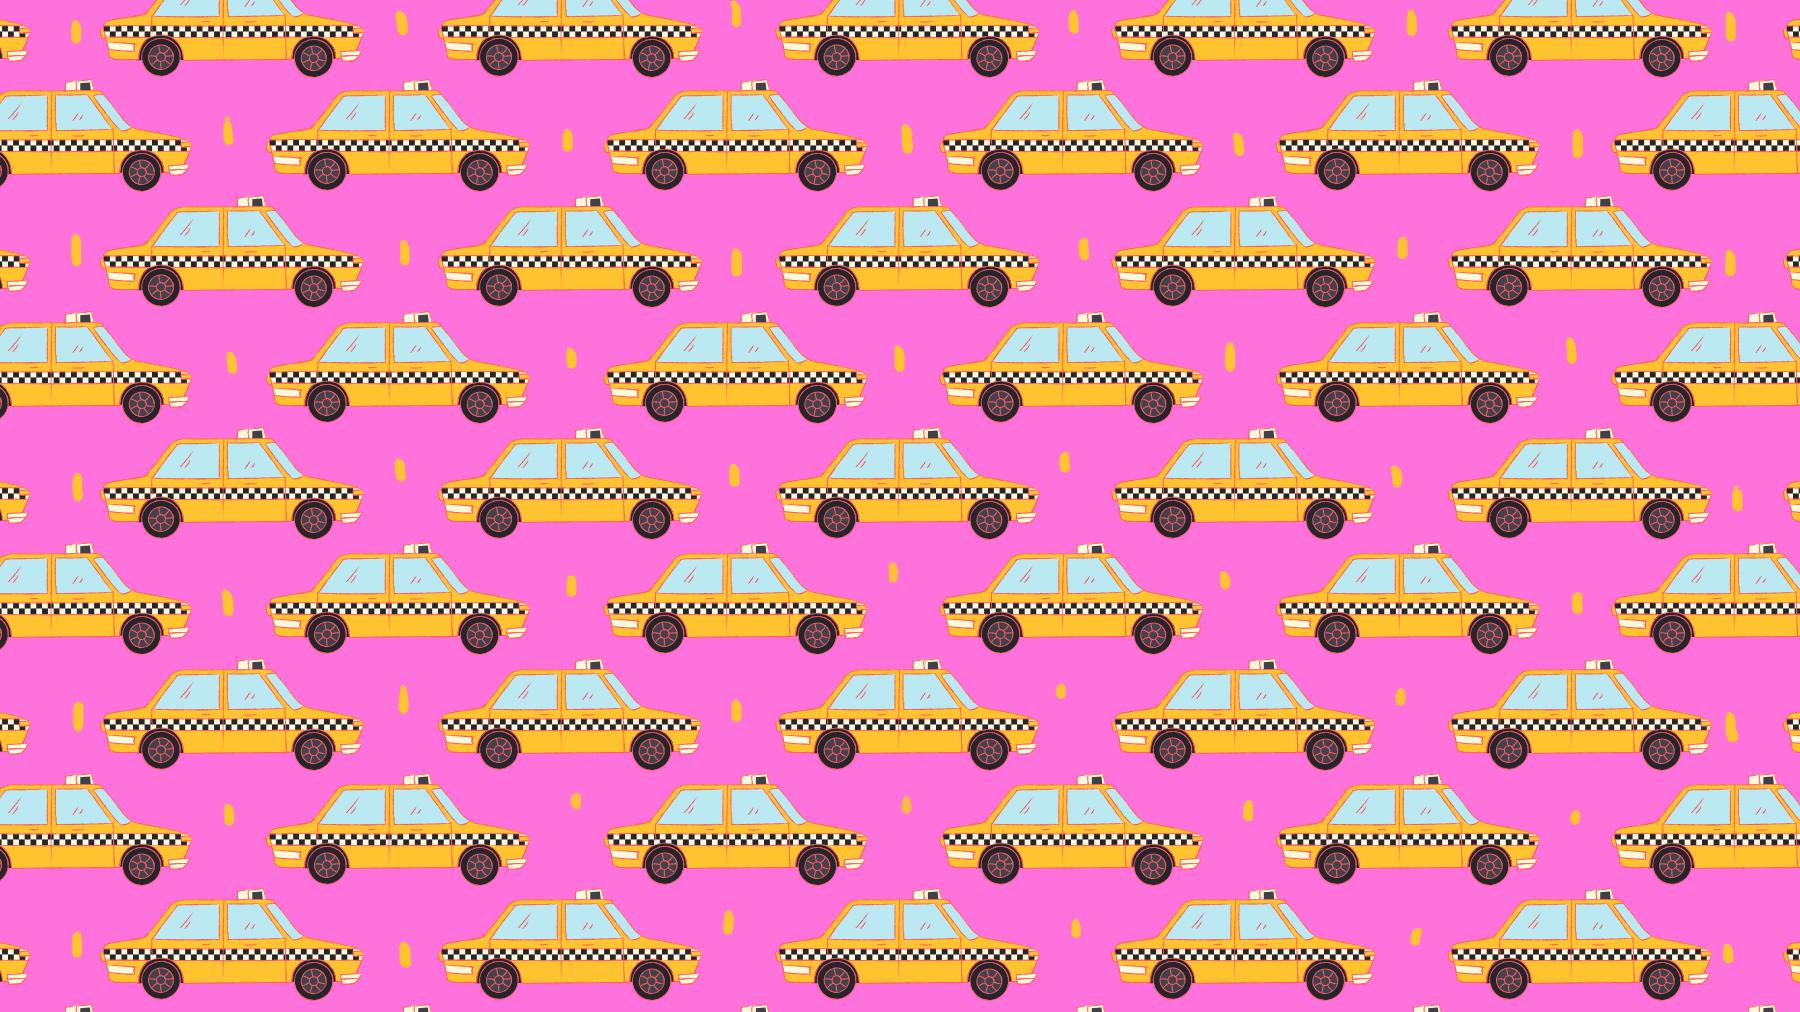 Viral: Reto visual encuentra los taxis en sentido contrario